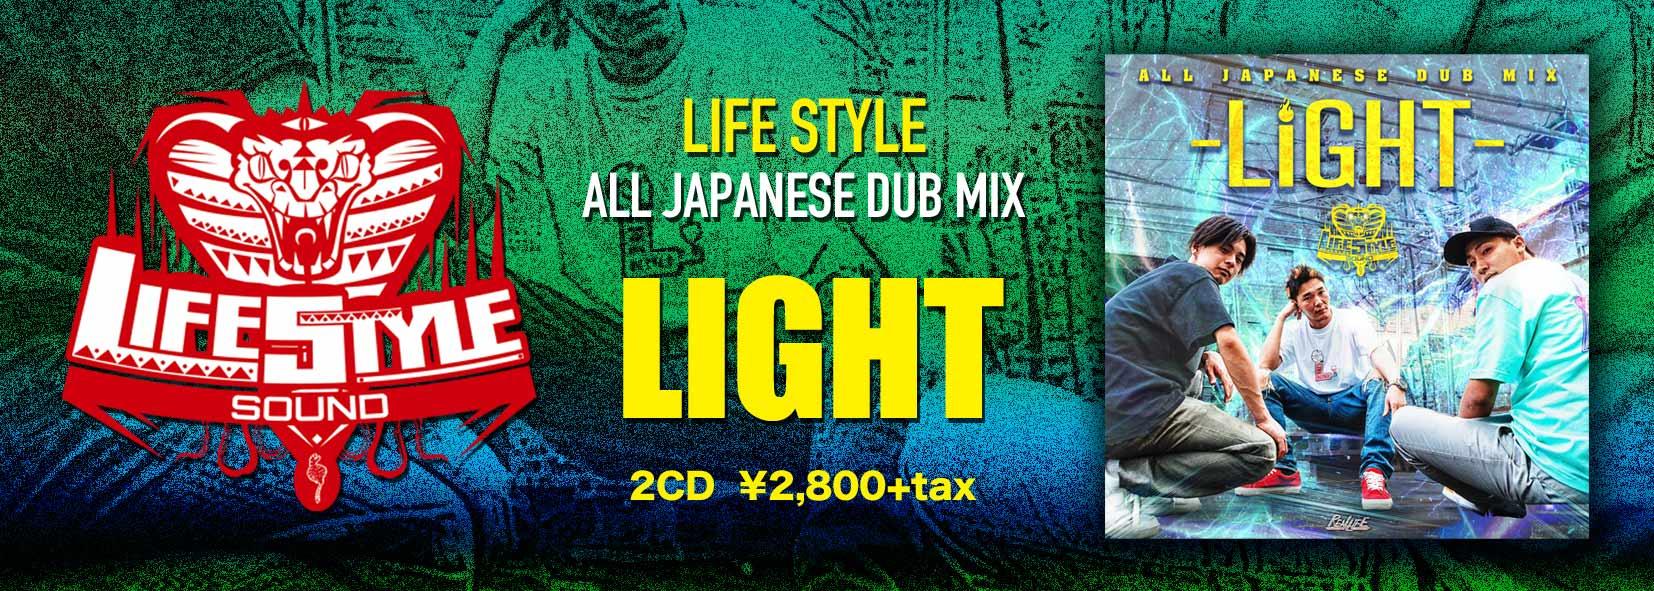 ジャパレゲ・レゲエ・ダンスホールミュージックMIXCD・レゲエCD・DVD 販売・通販オンラインショップ 3000円以上送料無料 | スライド画像